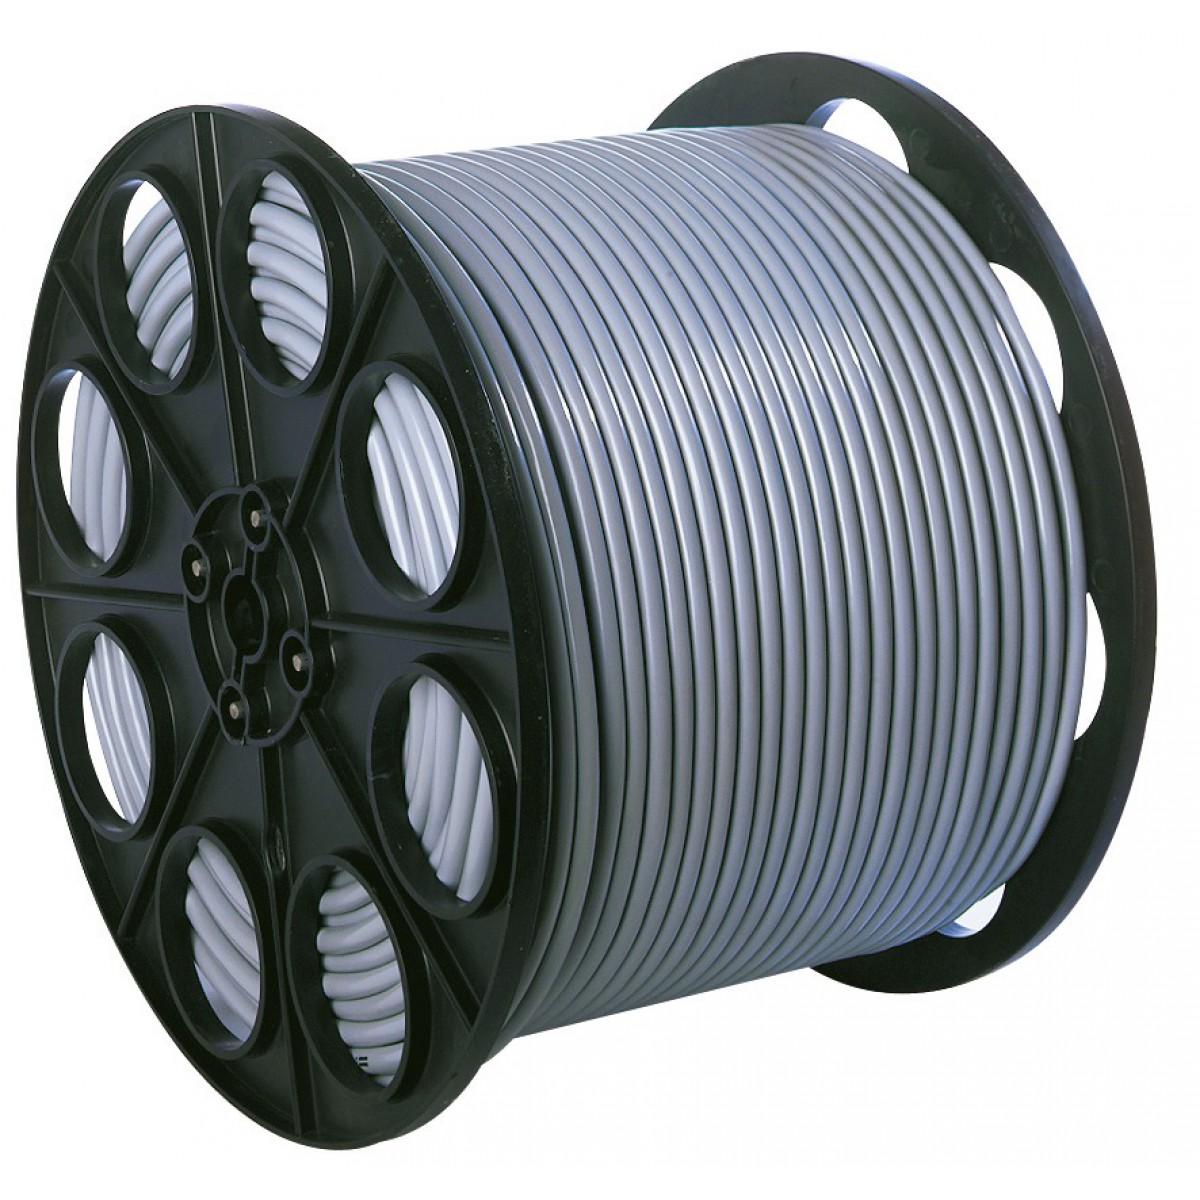 Câble H05 VV-F mètré 1,5 mm² Dhome - 1/2 touret - Blanc - Longueur 125 m